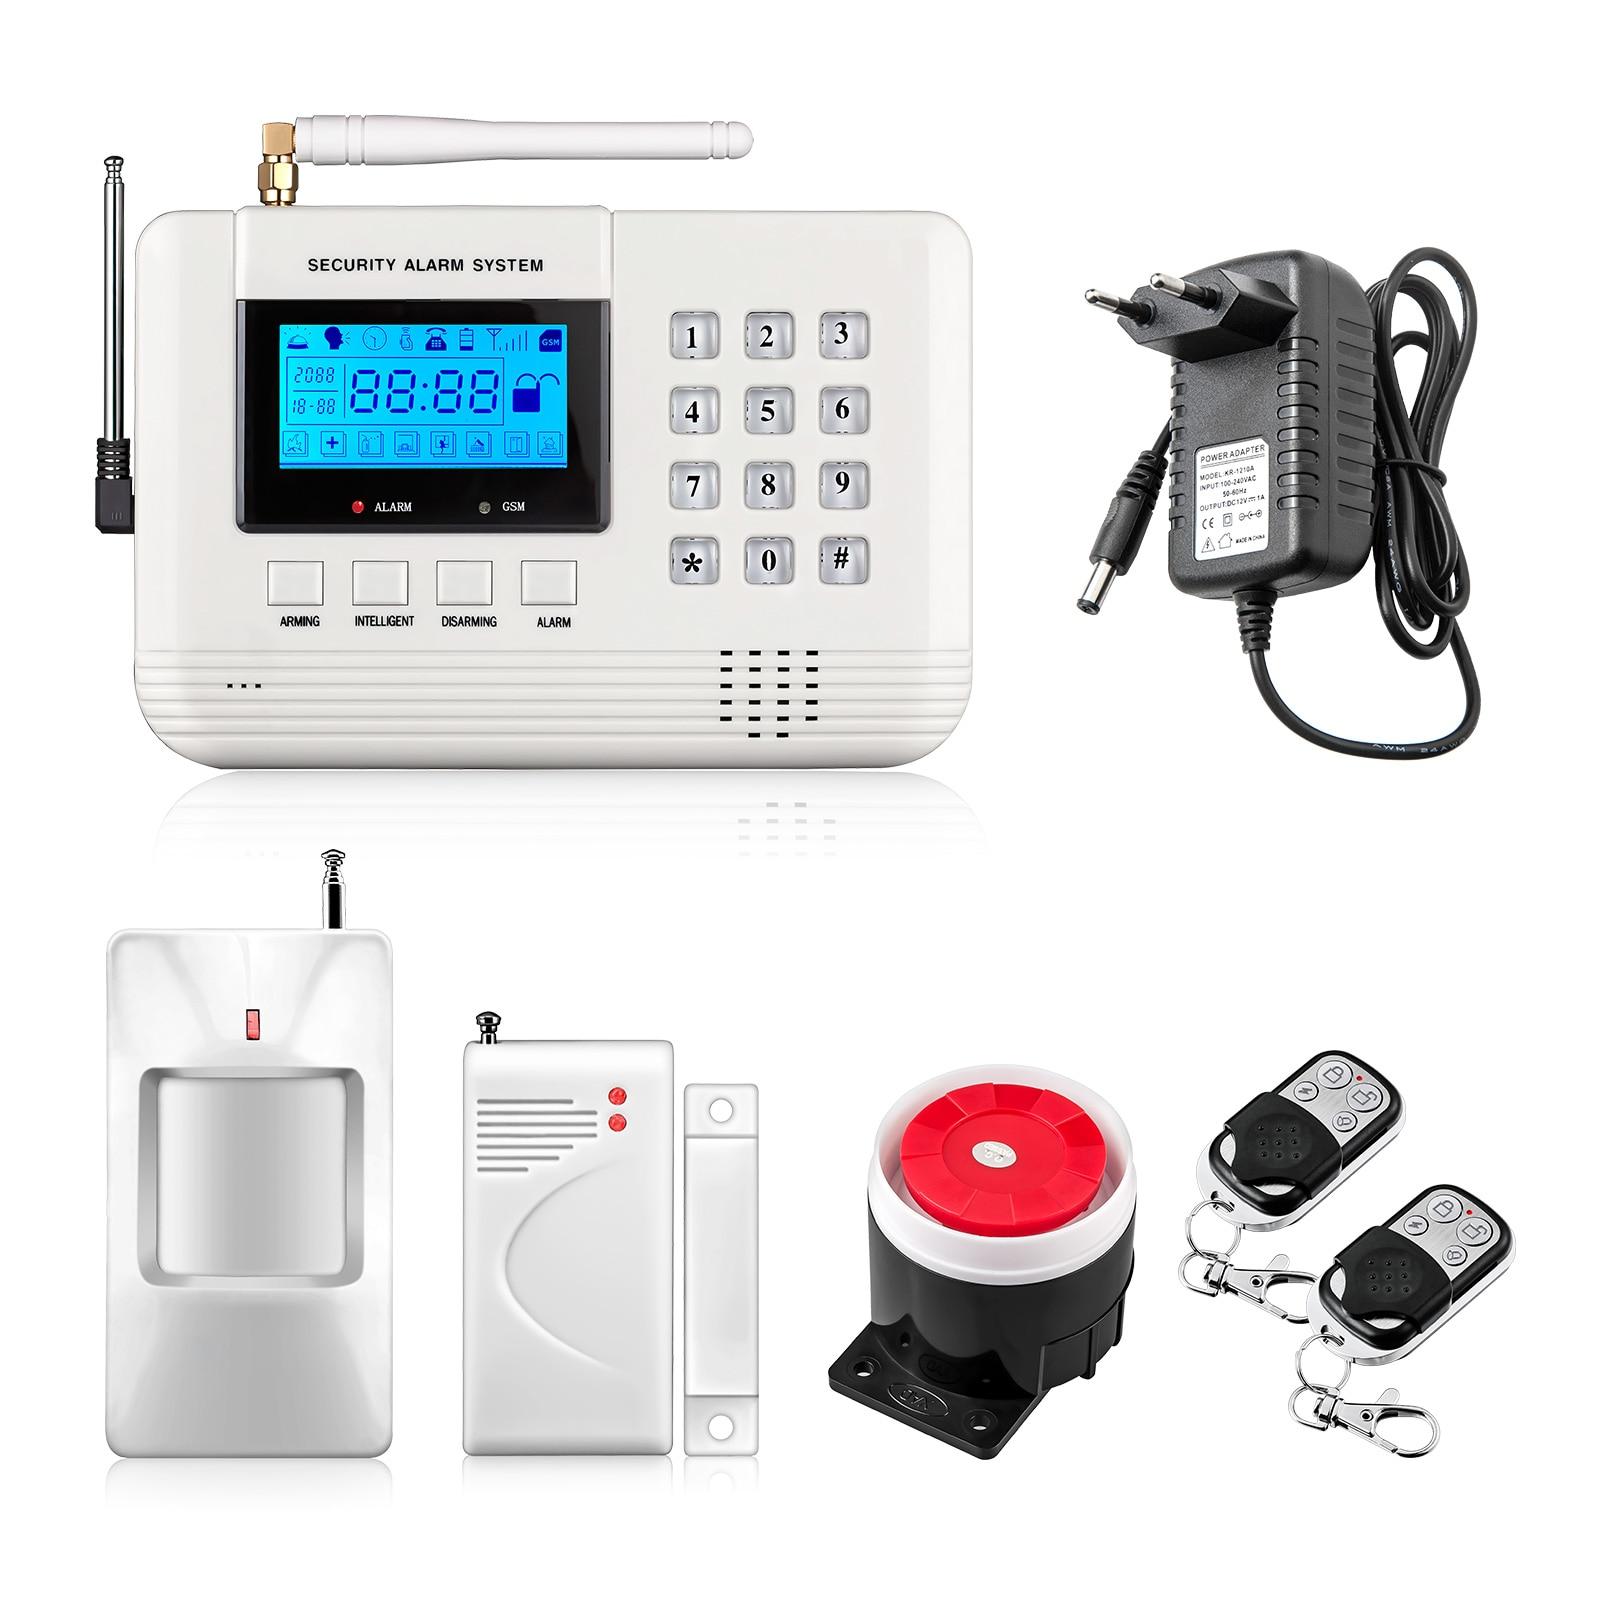 imágenes para Nueva llegada Pantalla LCD 433 Mhz Control Remoto de Alarma de Su Casa GSM SMS Sistema de Alarma gsm PSTN Doble de Redes de Seguridad Para El Hogar